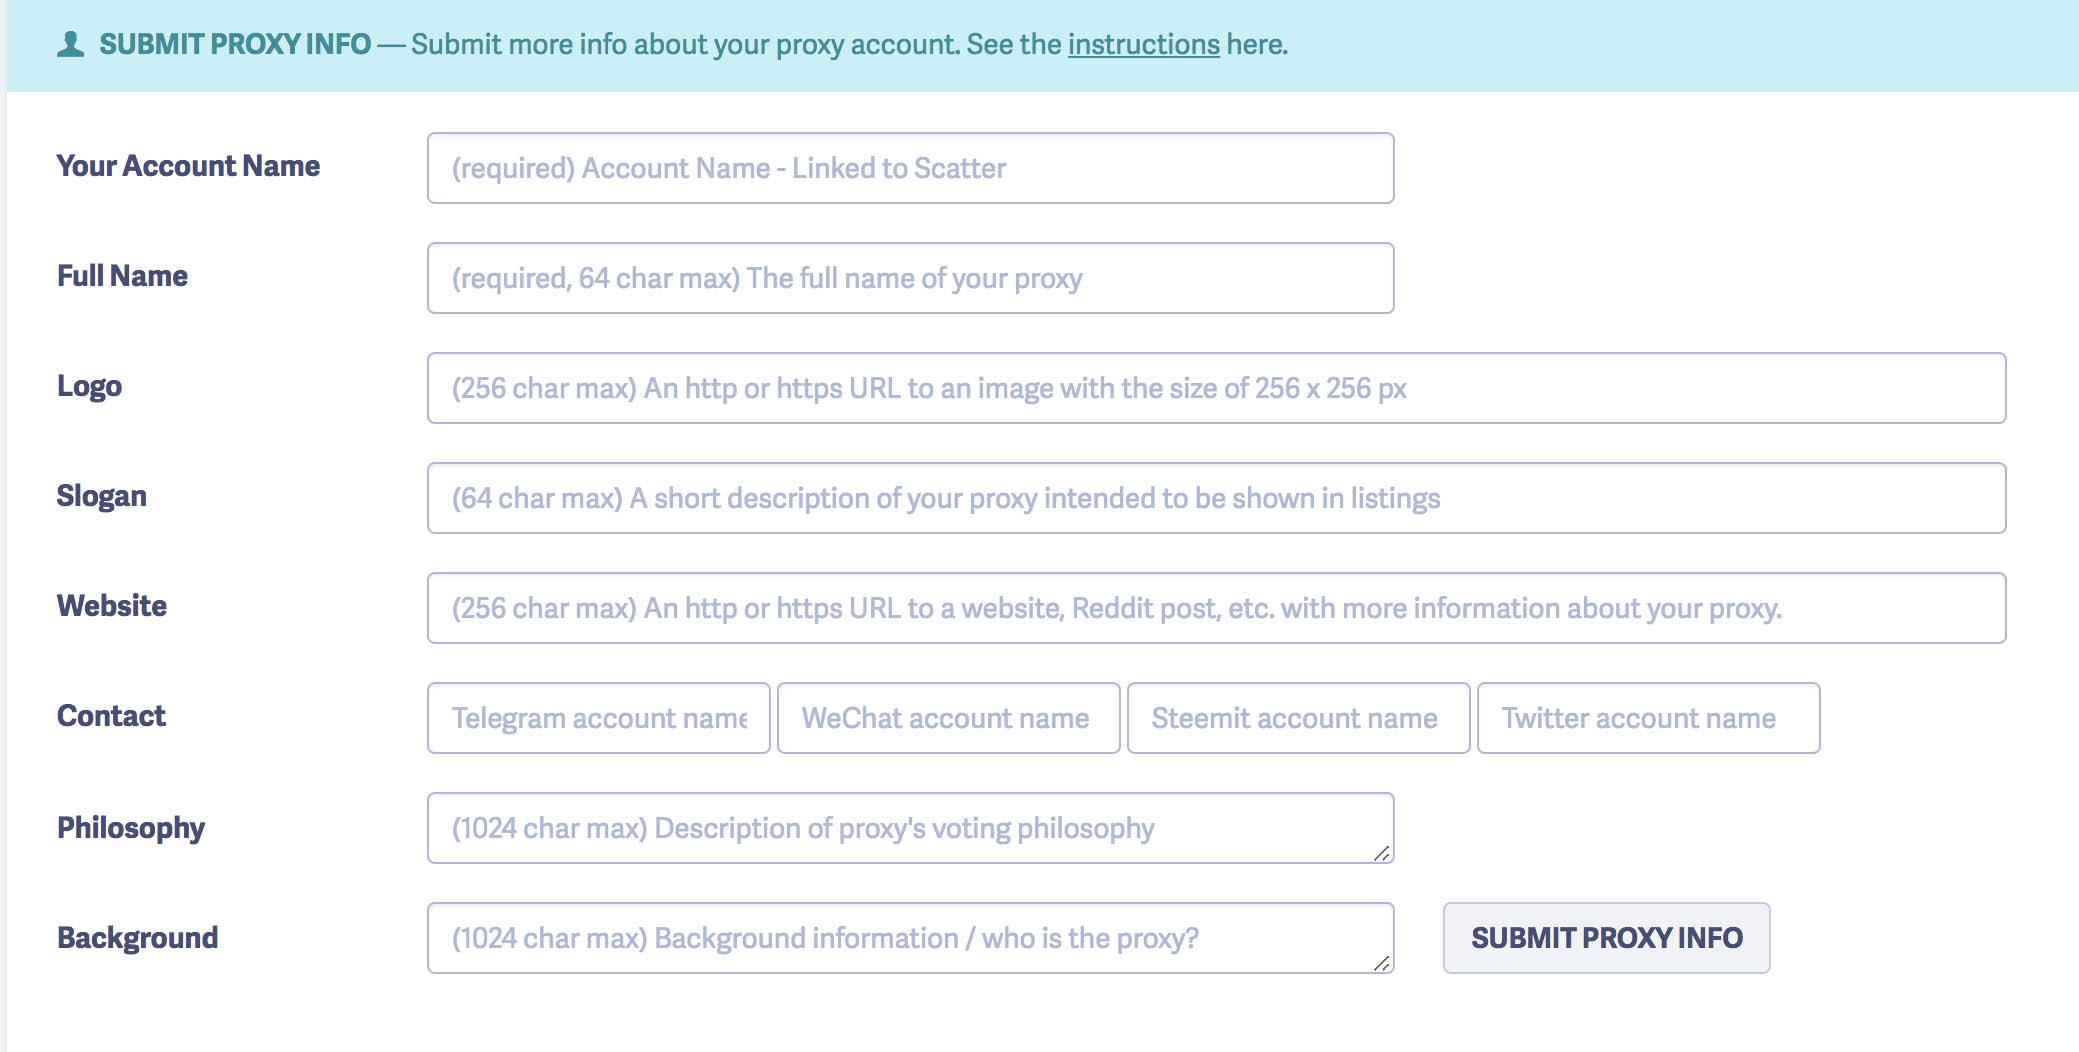 submit-proxy-info.jpg